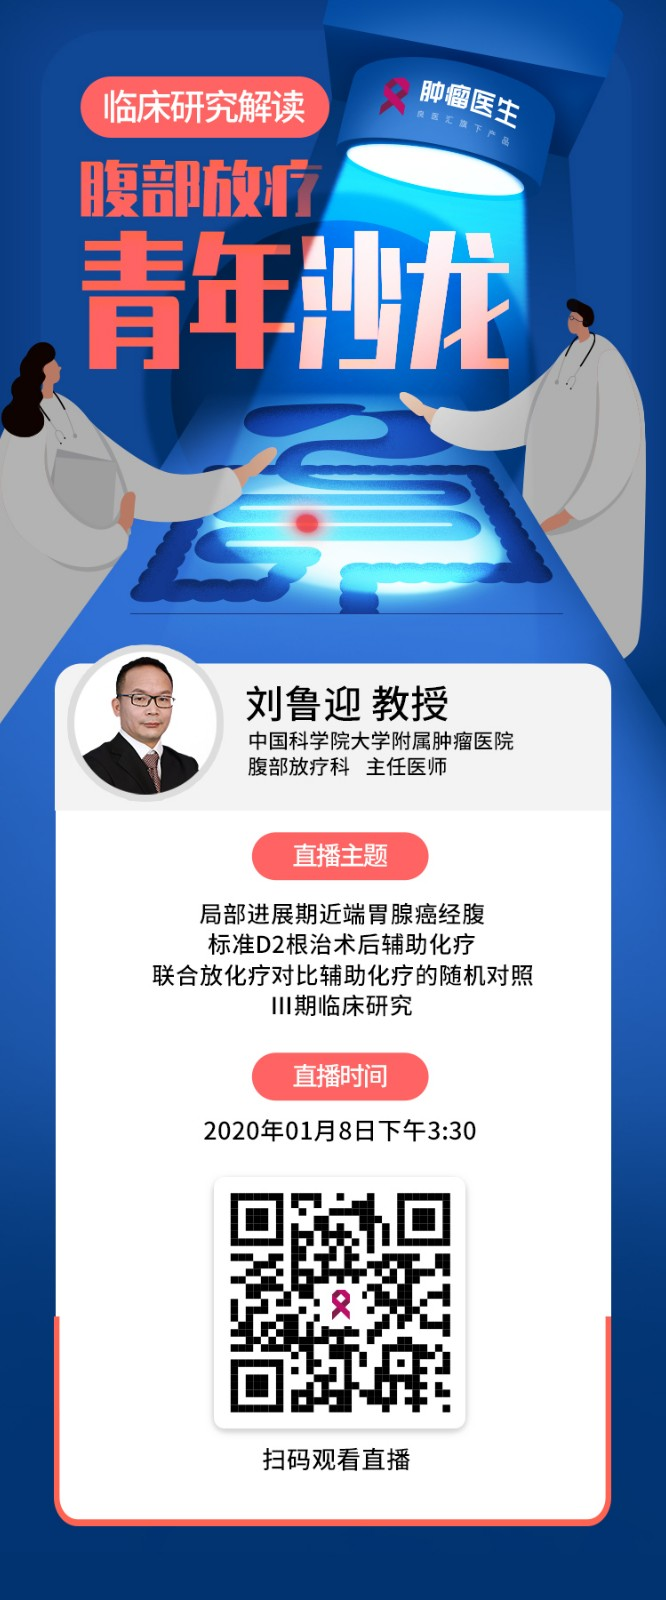 研究解读第二期-刘鲁迎教授.jpg